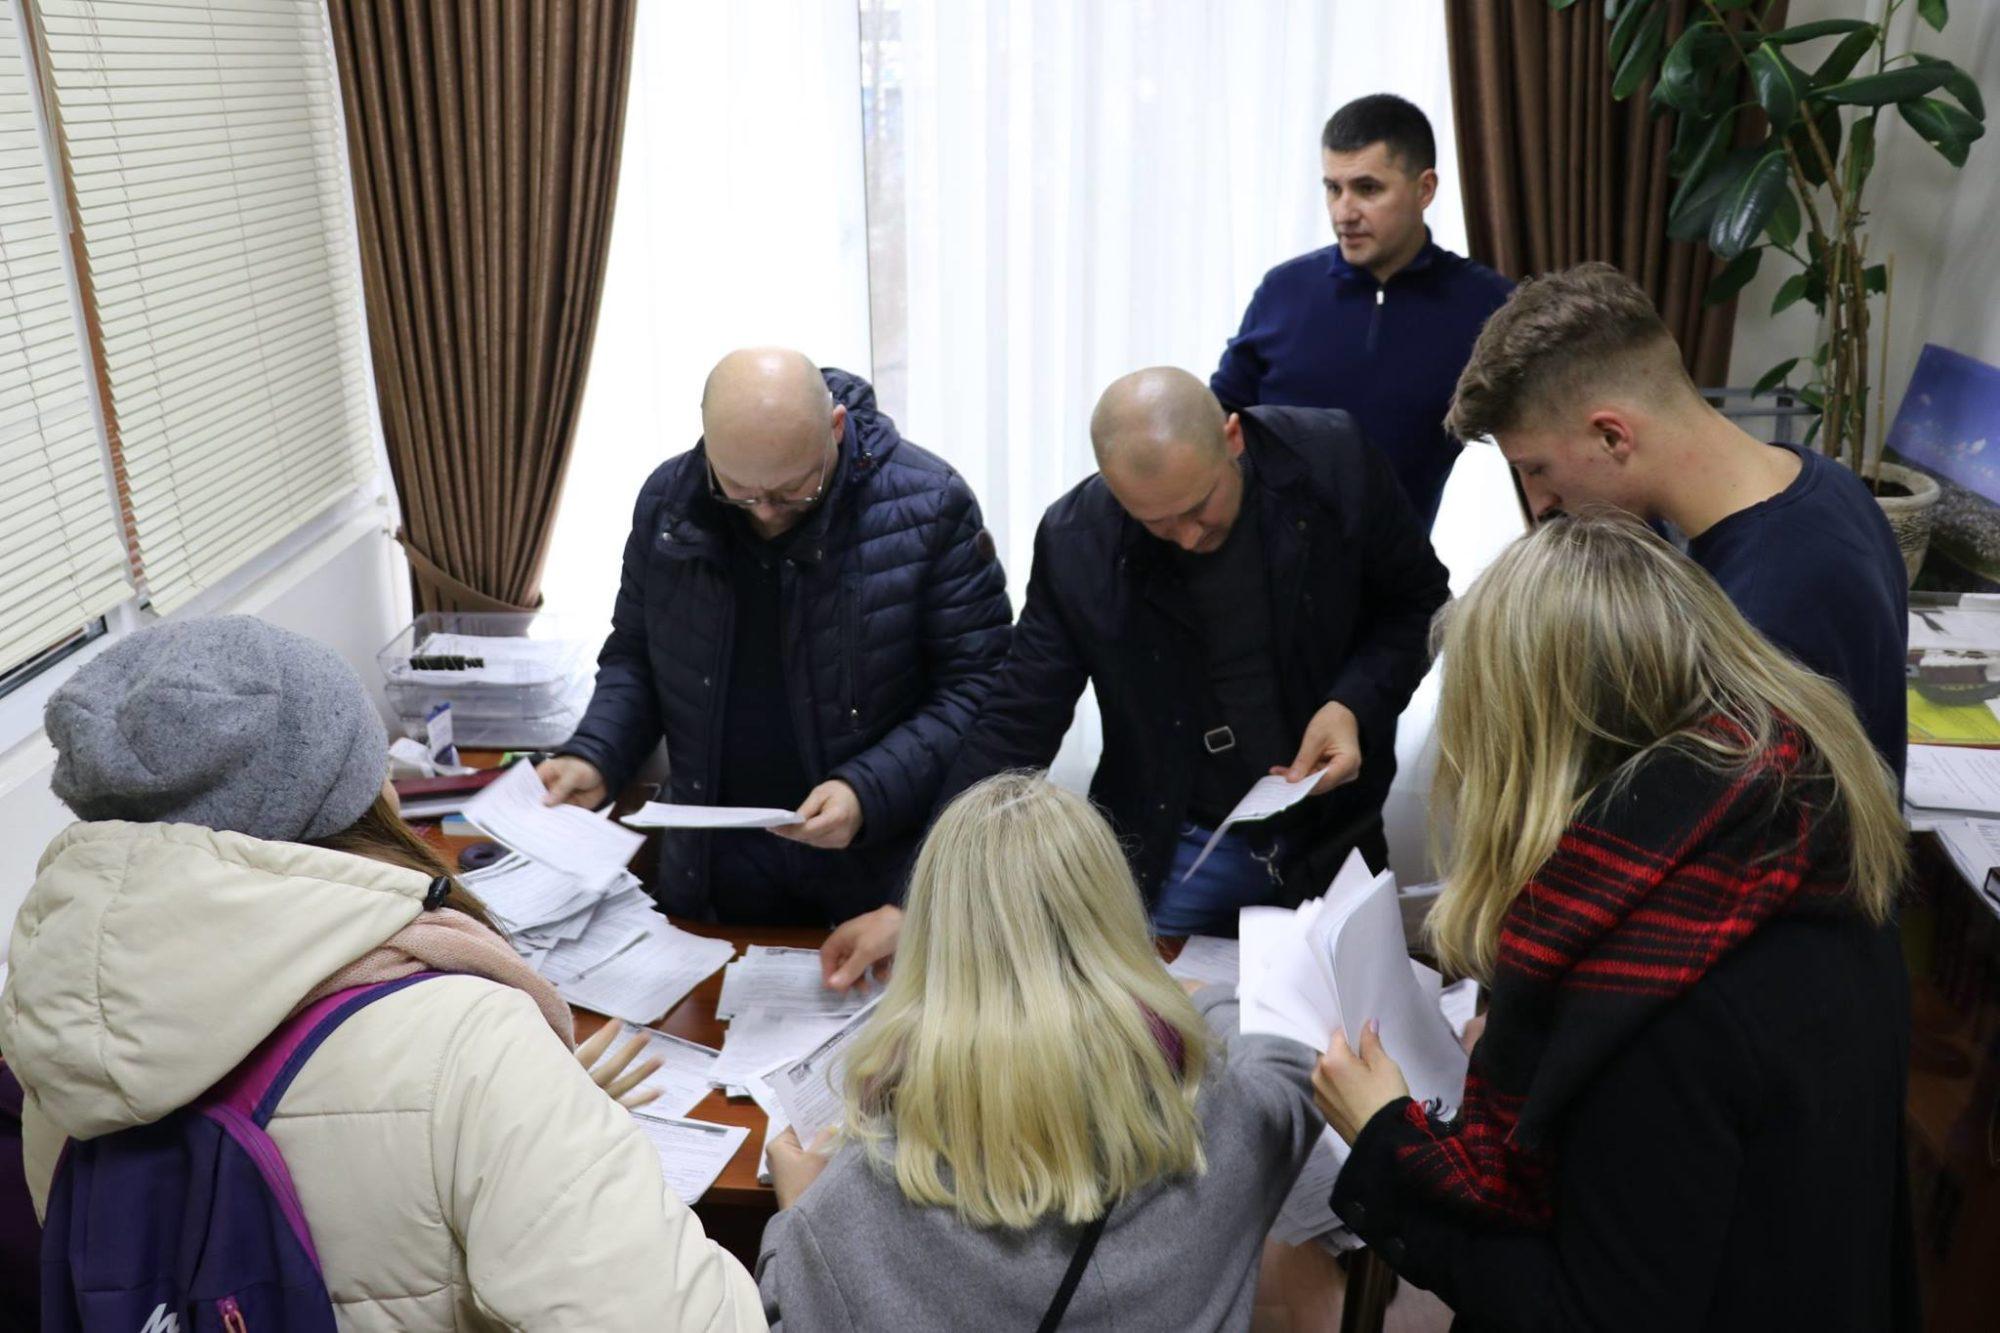 Підрахували: у Вишневому визначили лідерів громадського бюджету -  - 56800816 2290136987925840 886040259832315904 o 2000x1333